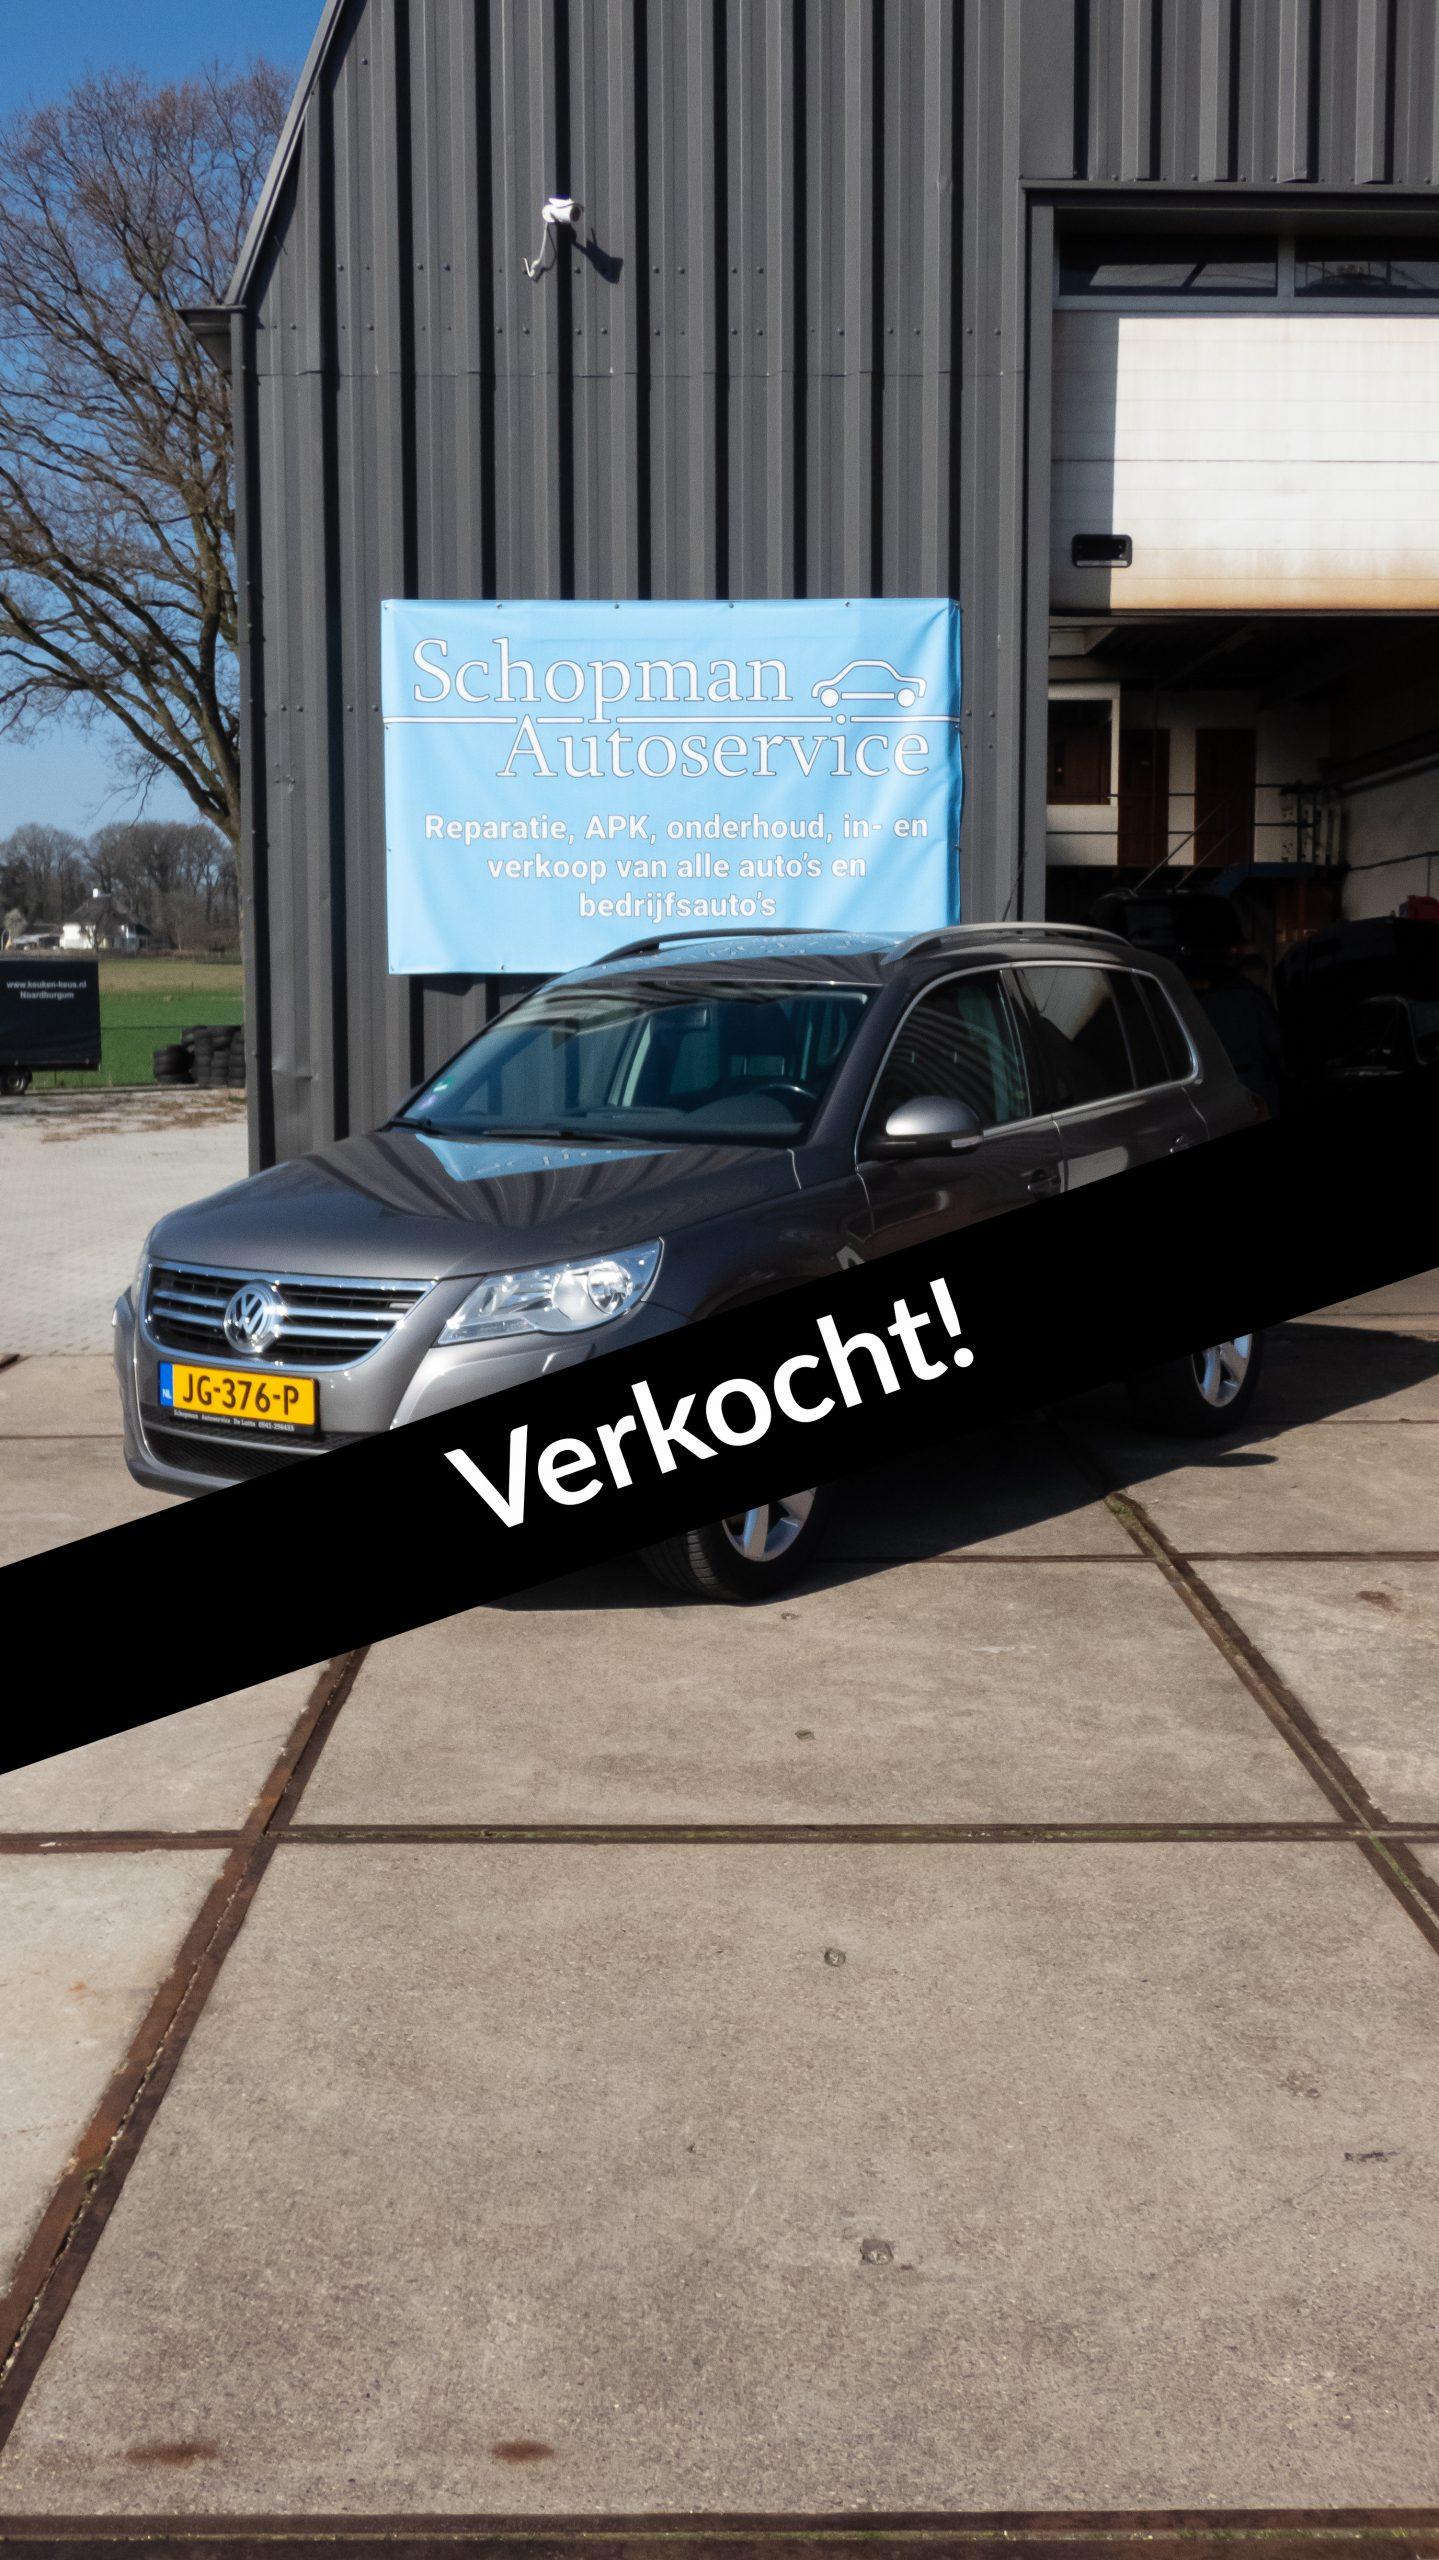 Schopman Autoverkoop, De Lutte, Auto kopen, betrouwbaar auto kopen, de Lutte, Oldenzaal, Overijssel, Twente